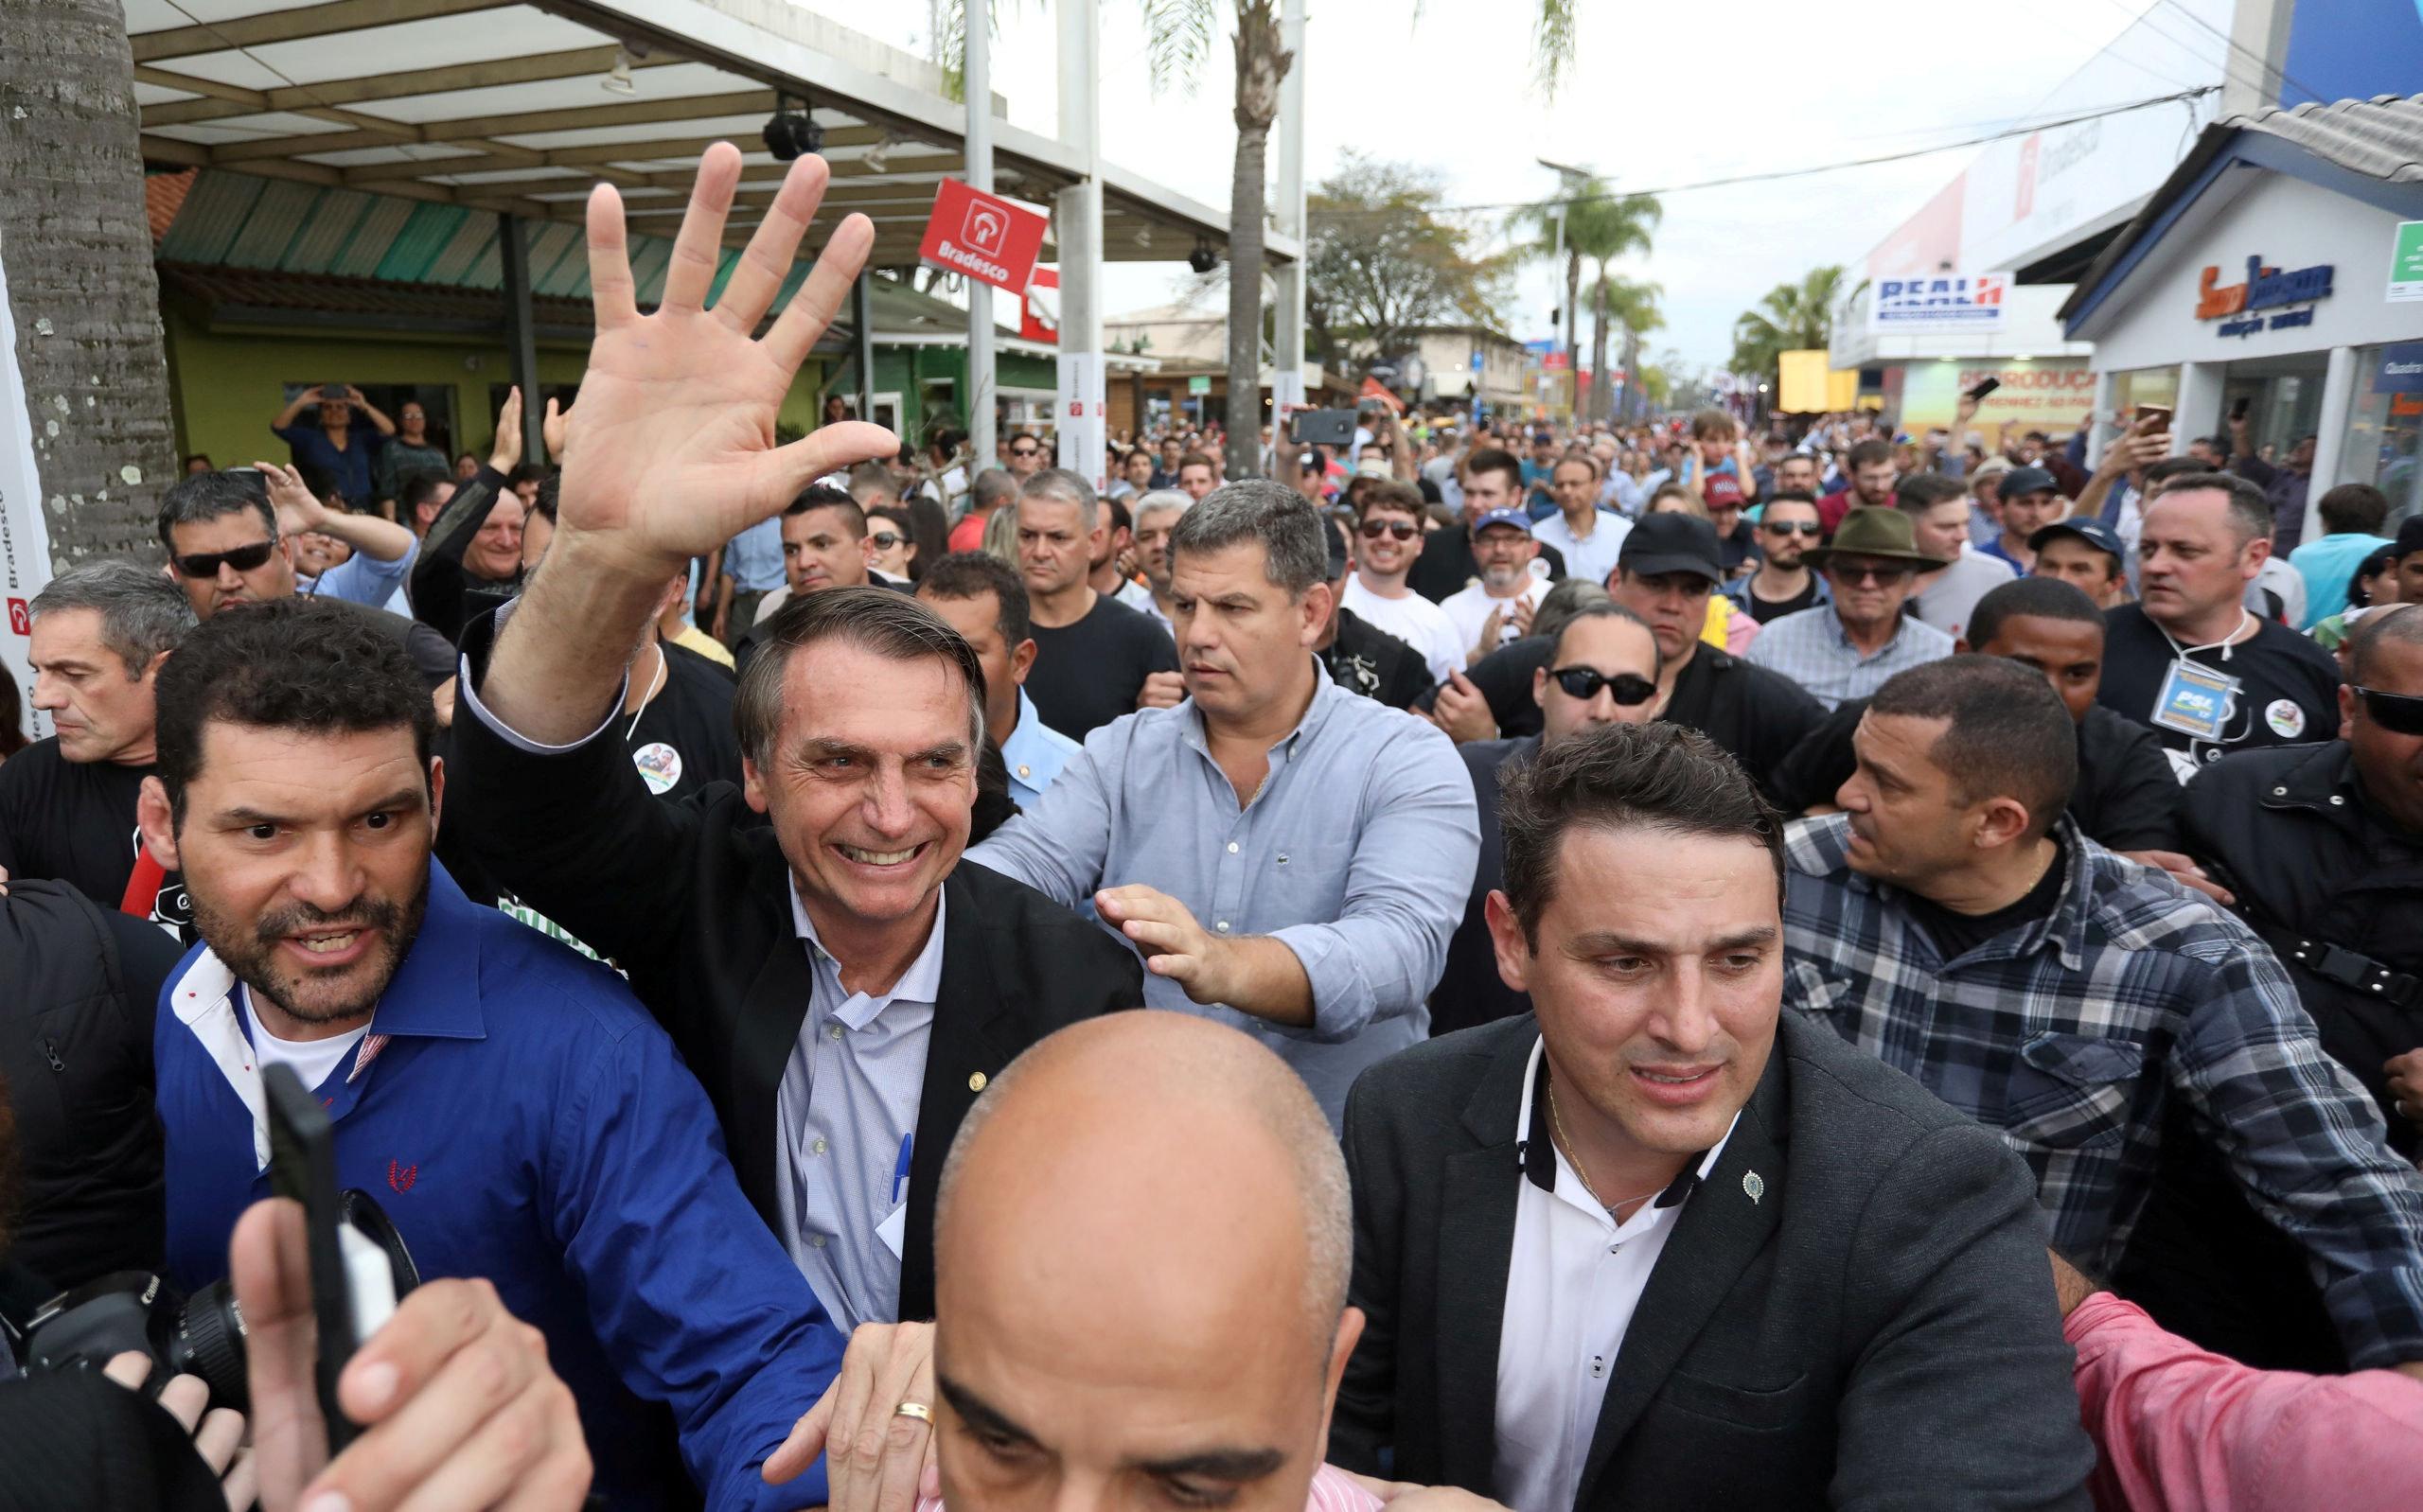 Presidentskandidaat Jair Bolsonaro - hier begroet door zijn supporters - vergeleek zijn zwarte landgenoten met koeien.